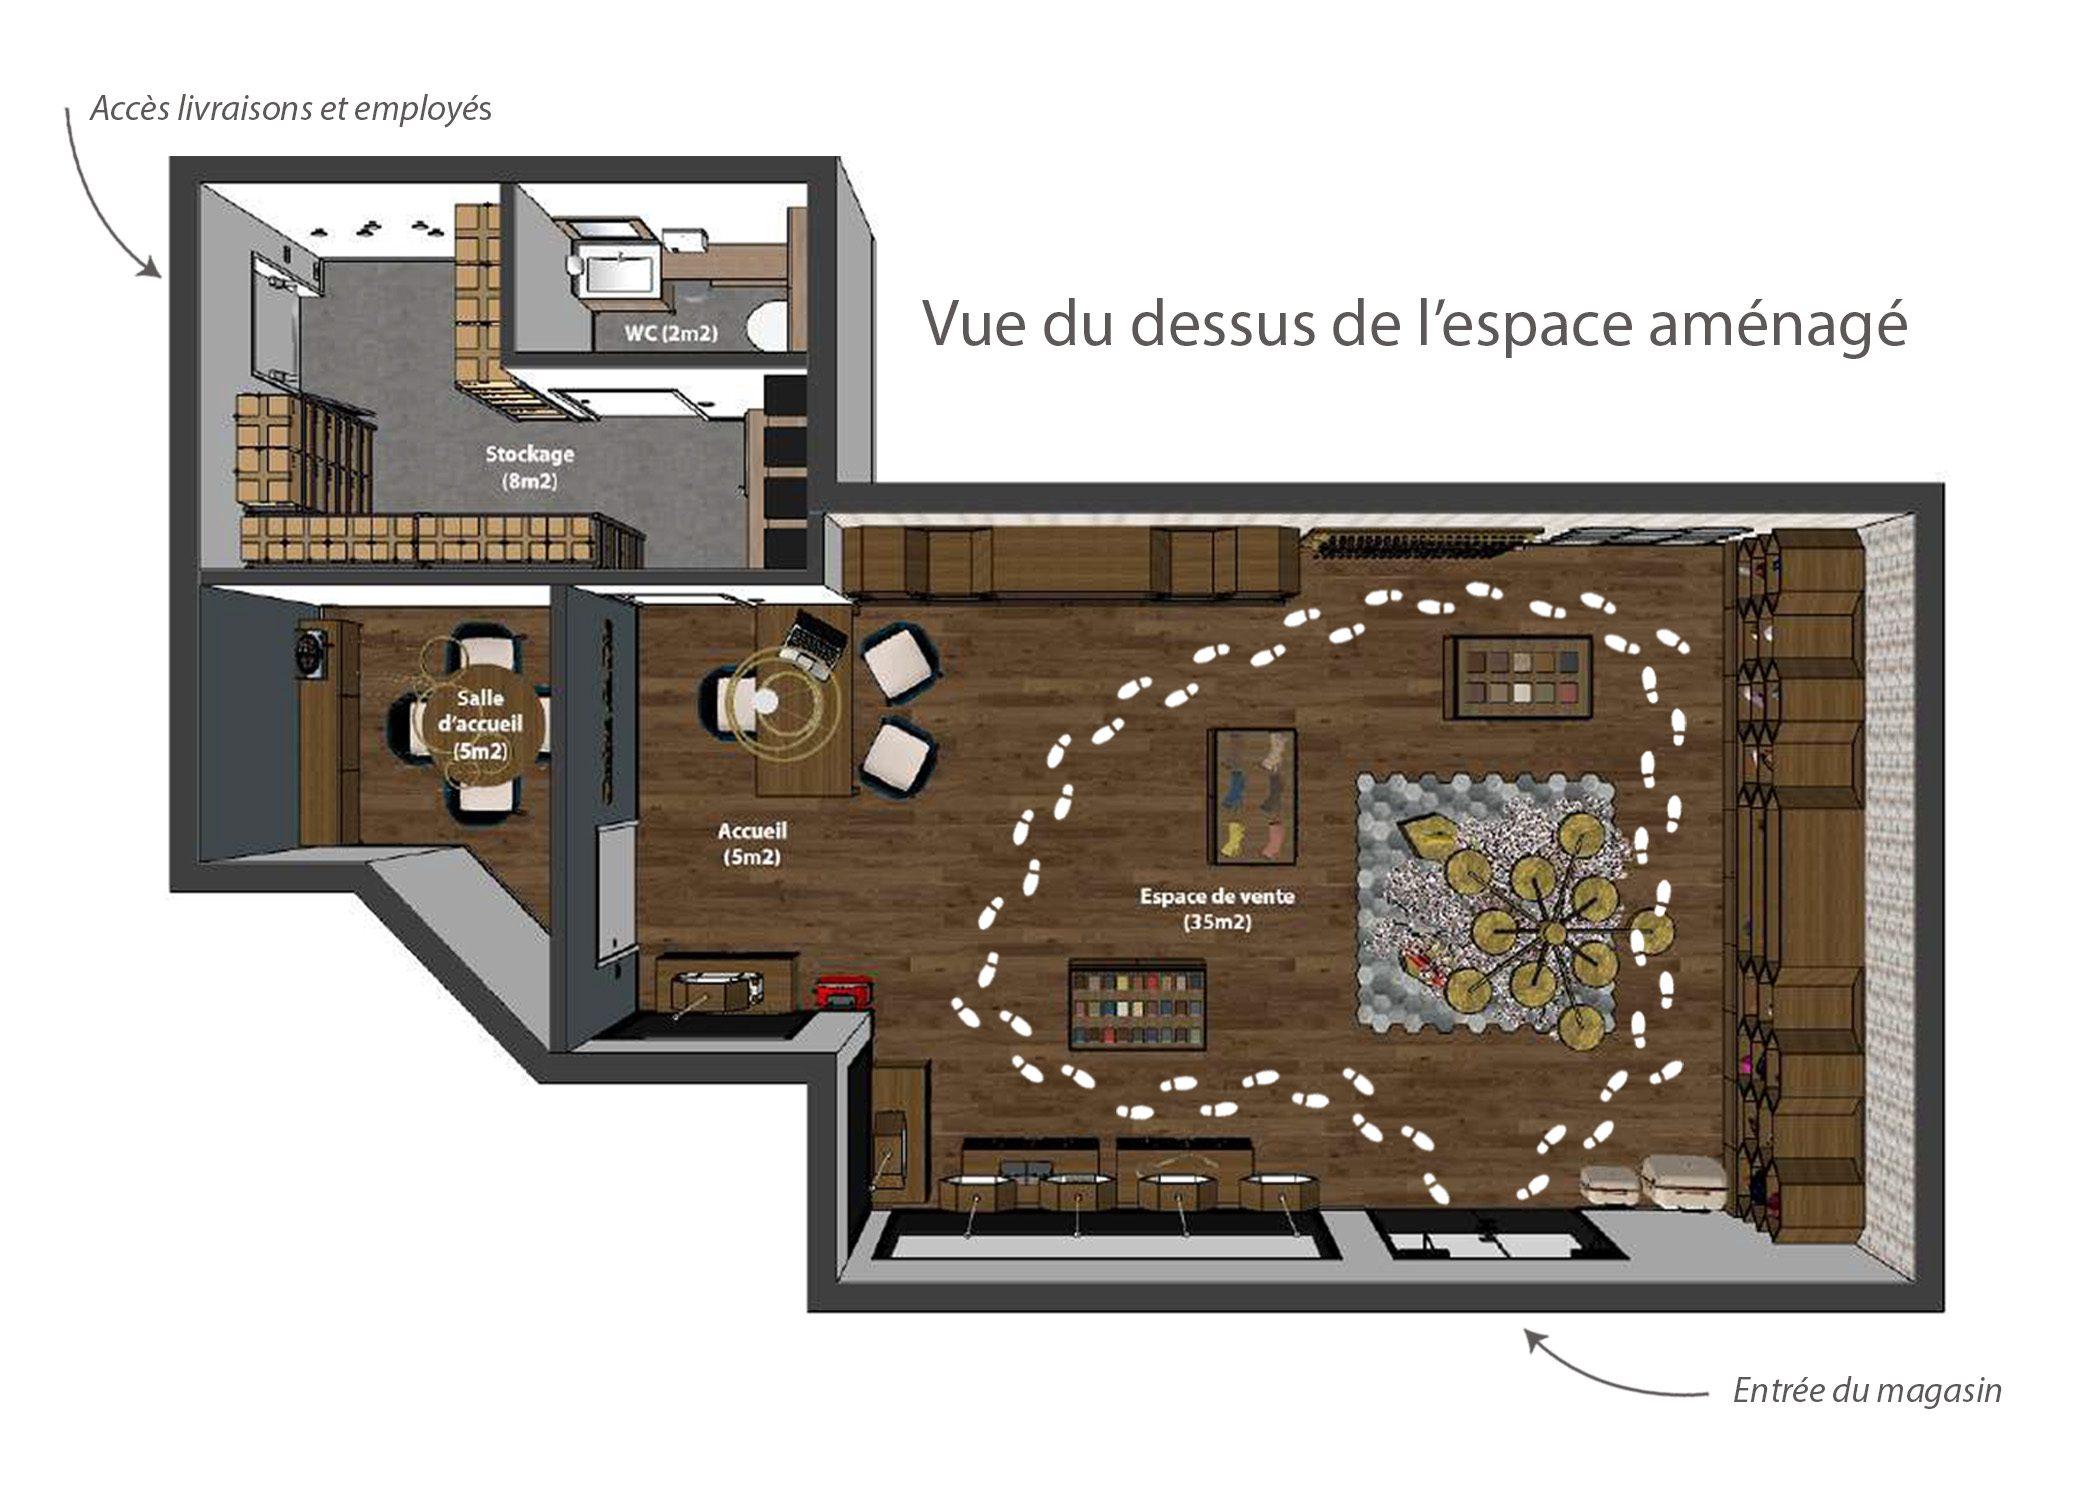 amenagement-decoration-magasin de luxe-paris-vue dessus espace aménagé-dekho design